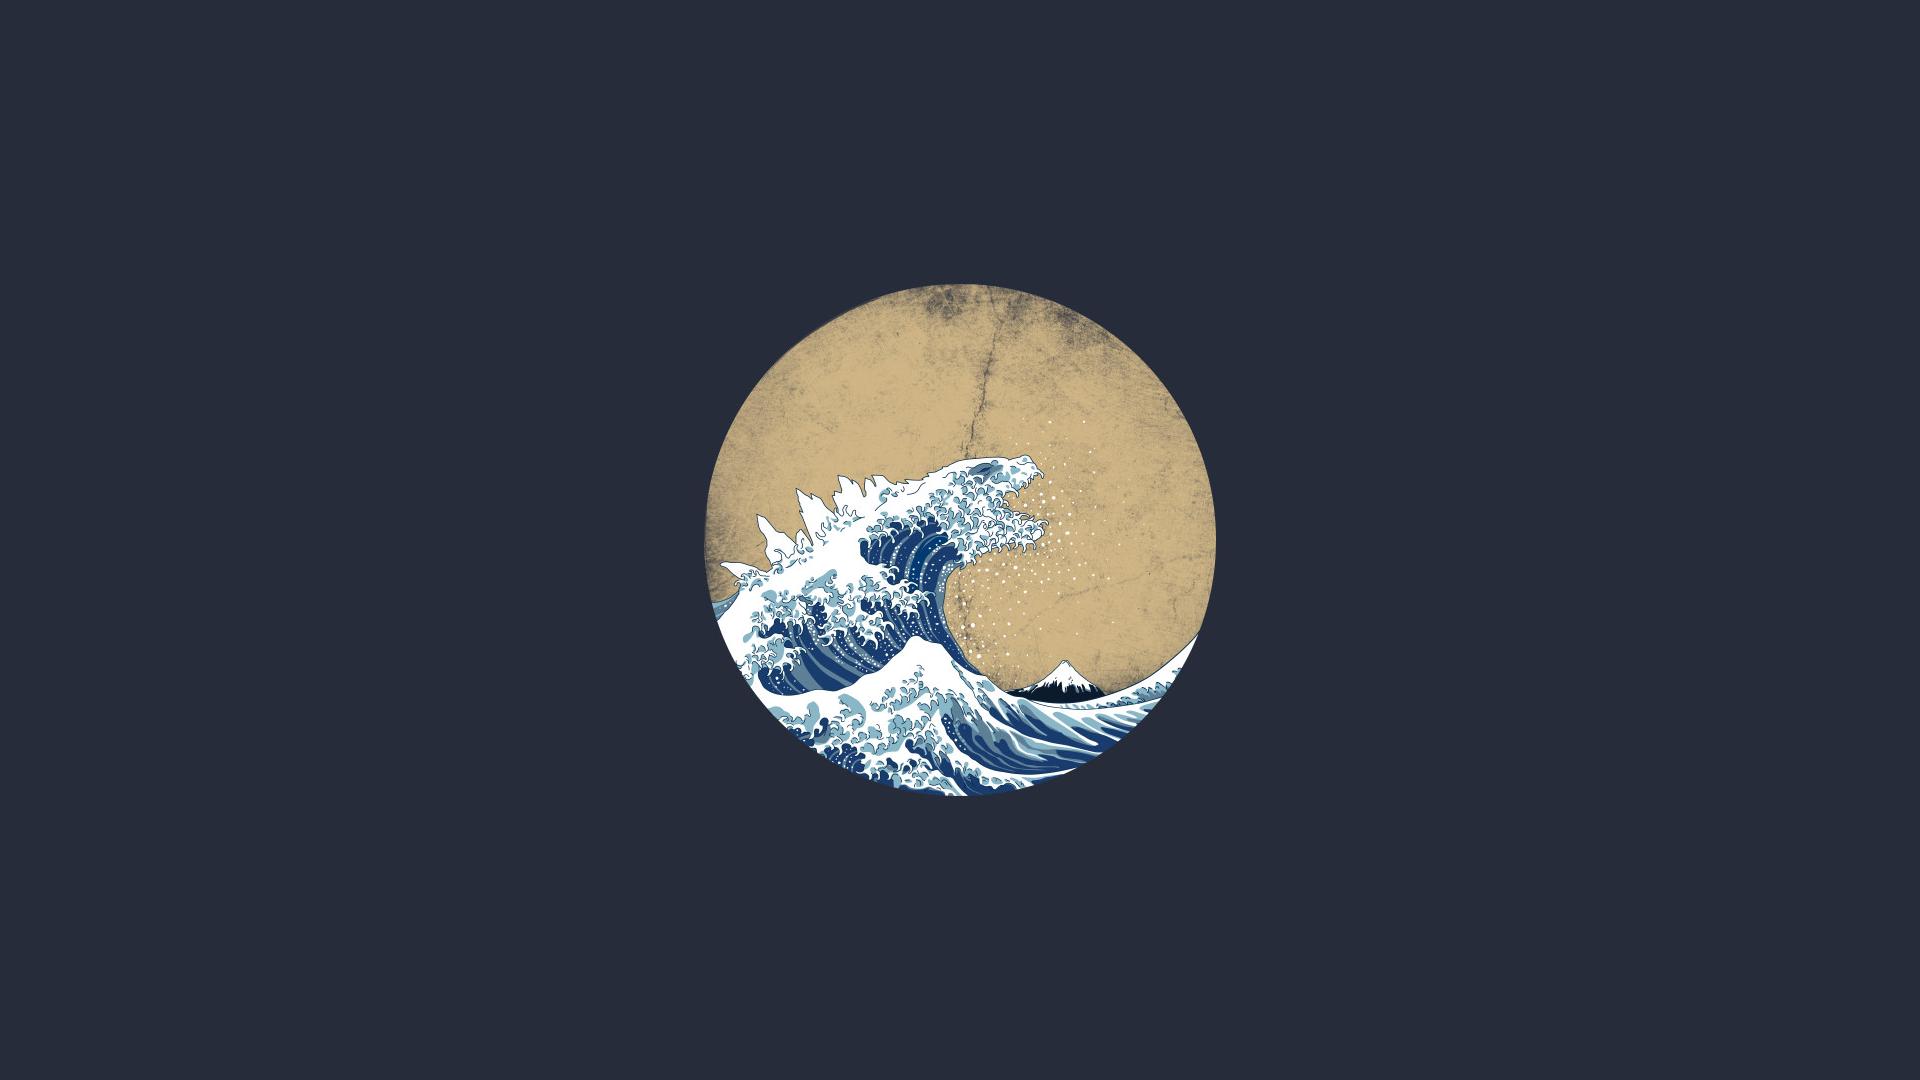 General 1920x1080 waves digital art artwork minimalism The Great Wave off Kanagawa Godzilla